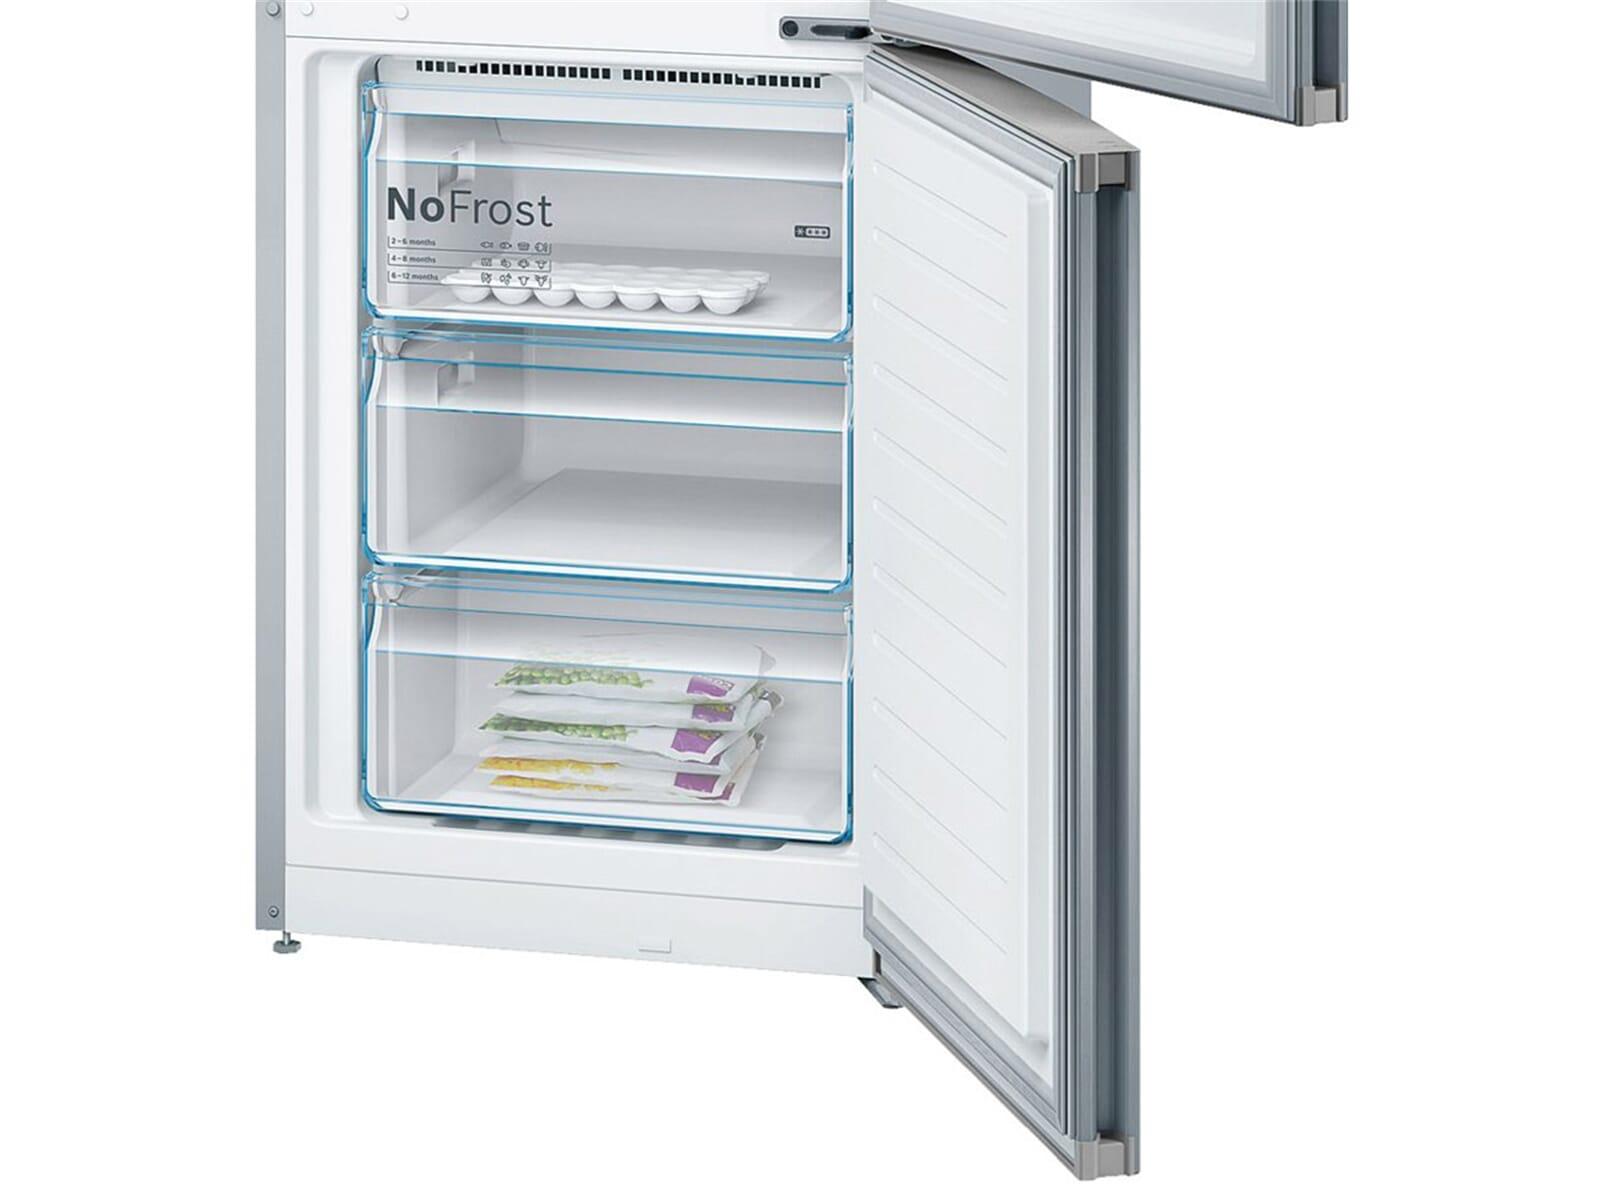 Bosch Kühlschrank Mit Eiswürfelbereiter : Bosch kühlschrank eiswürfelbereiter bosch kühlschrank